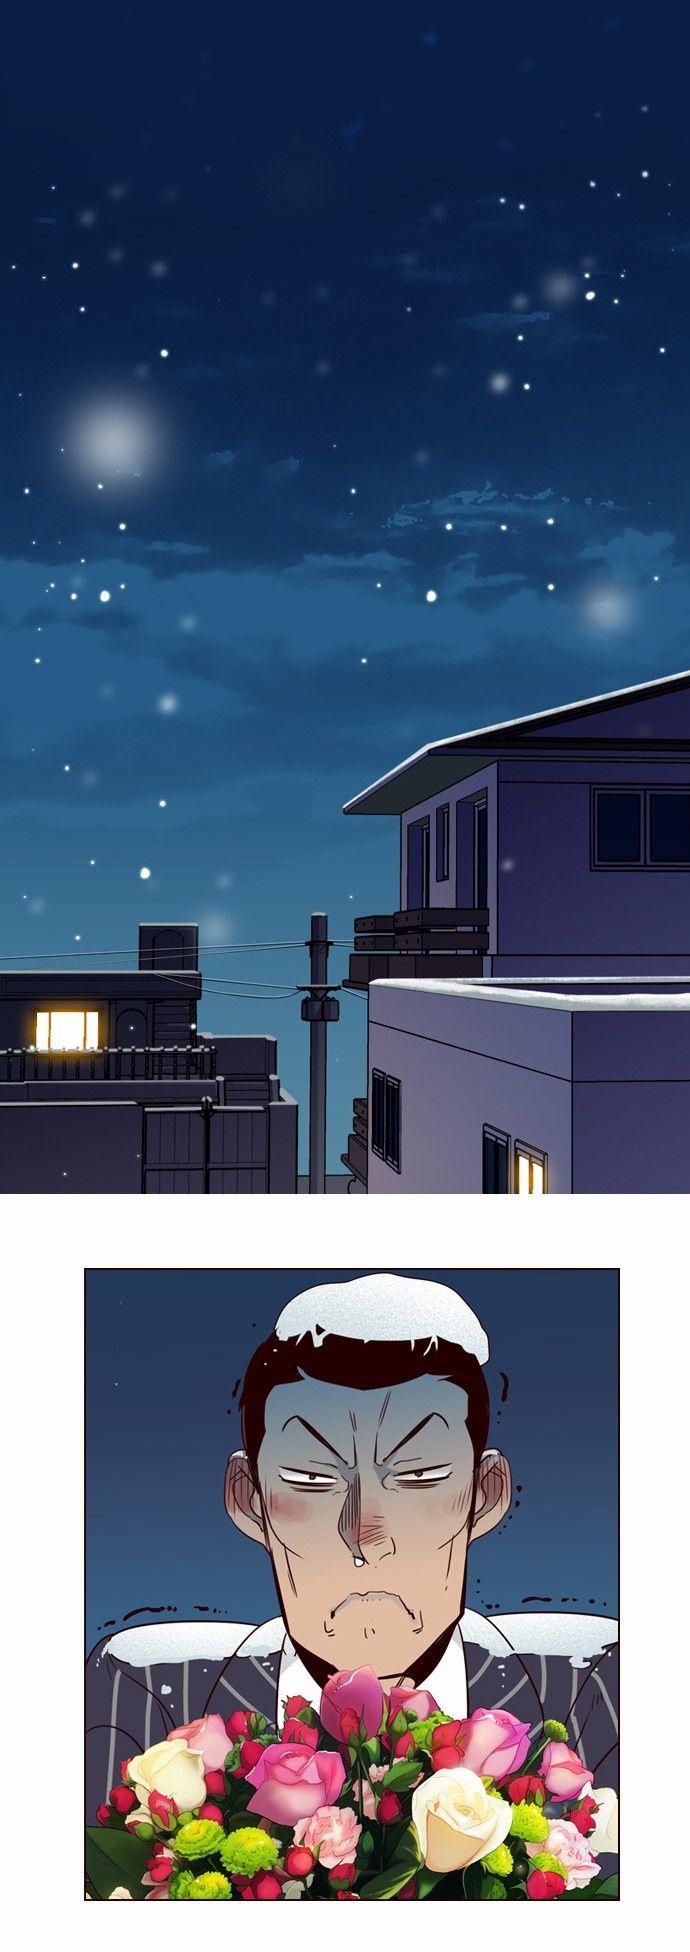 http://c5.ninemanga.com/es_manga/pic2/32/416/500274/6e958d69ccac1ad04342b584042c3db5.jpg Page 8